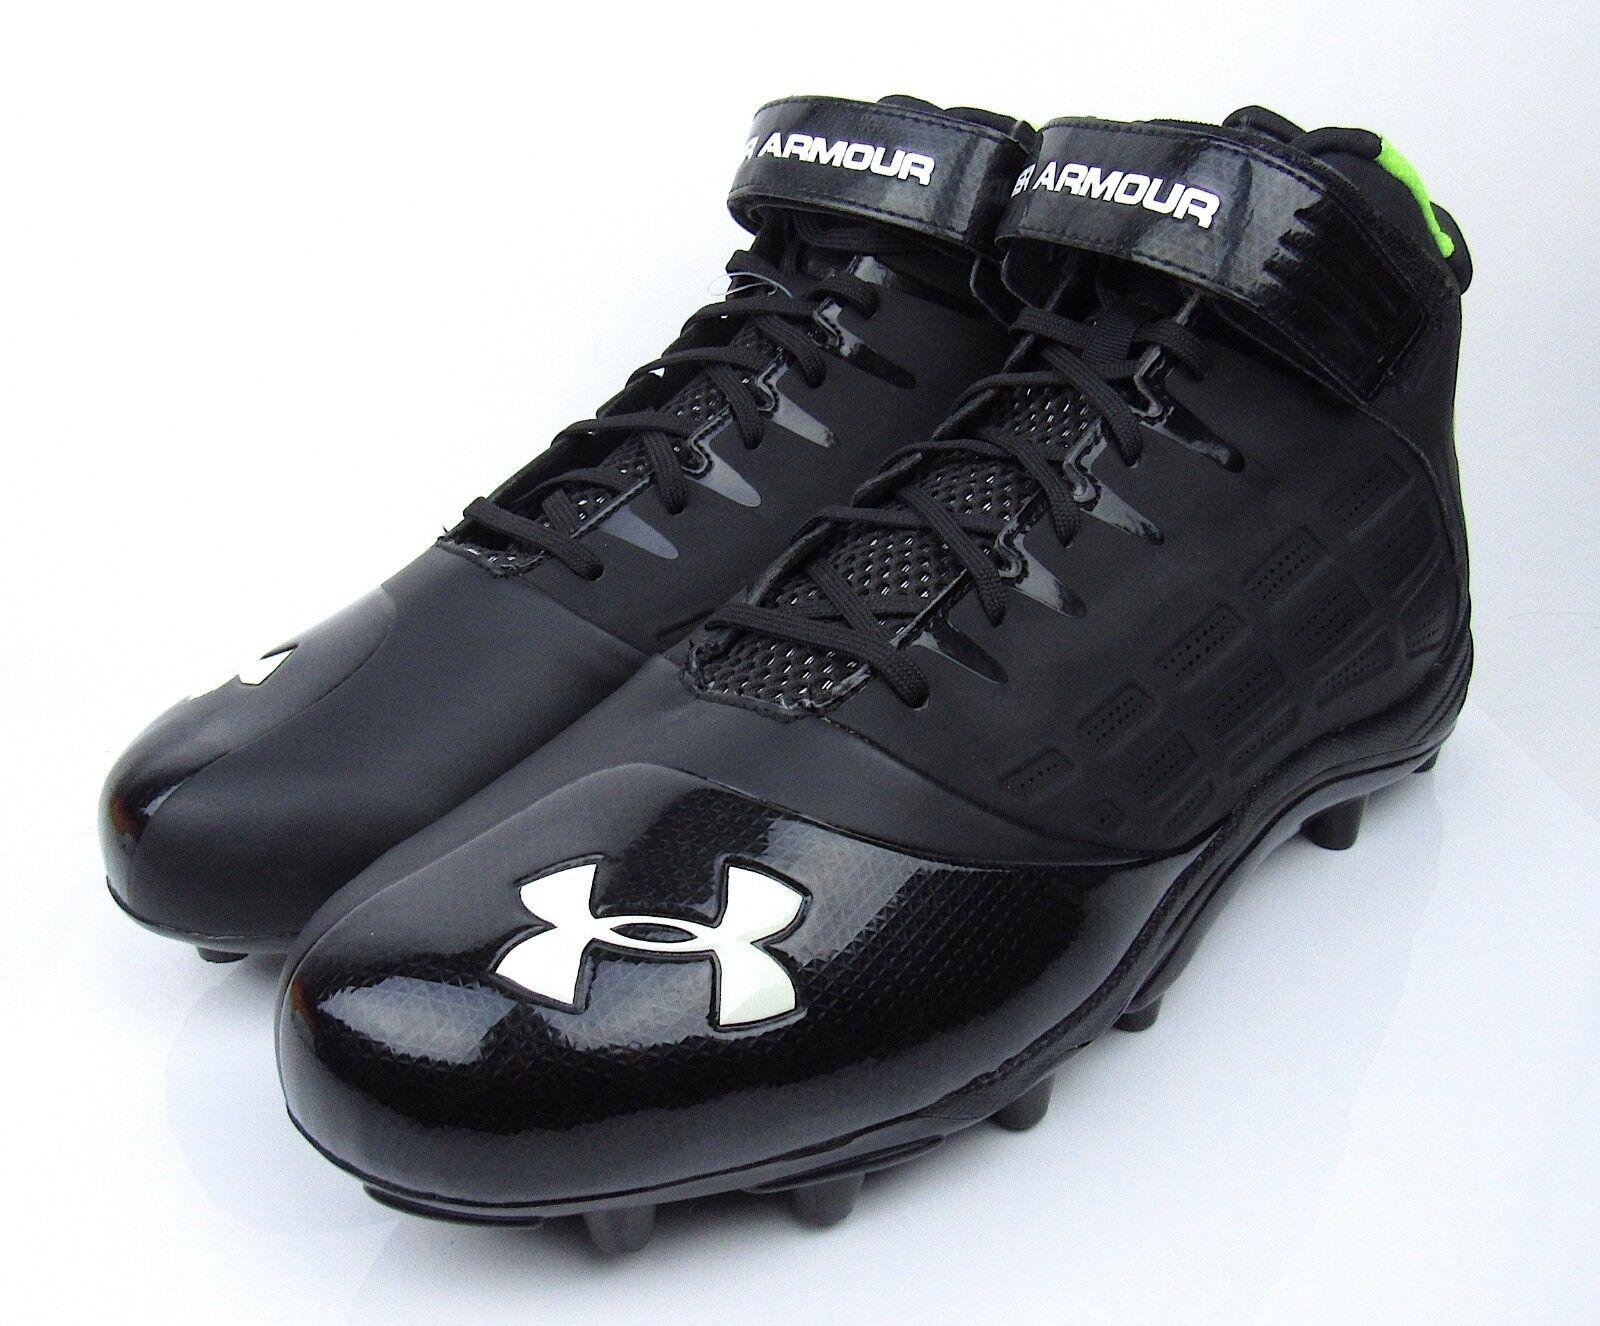 NEW hommes UNDER ARMOUR Man Made Upper noir & Green Football Cleats Chaussures